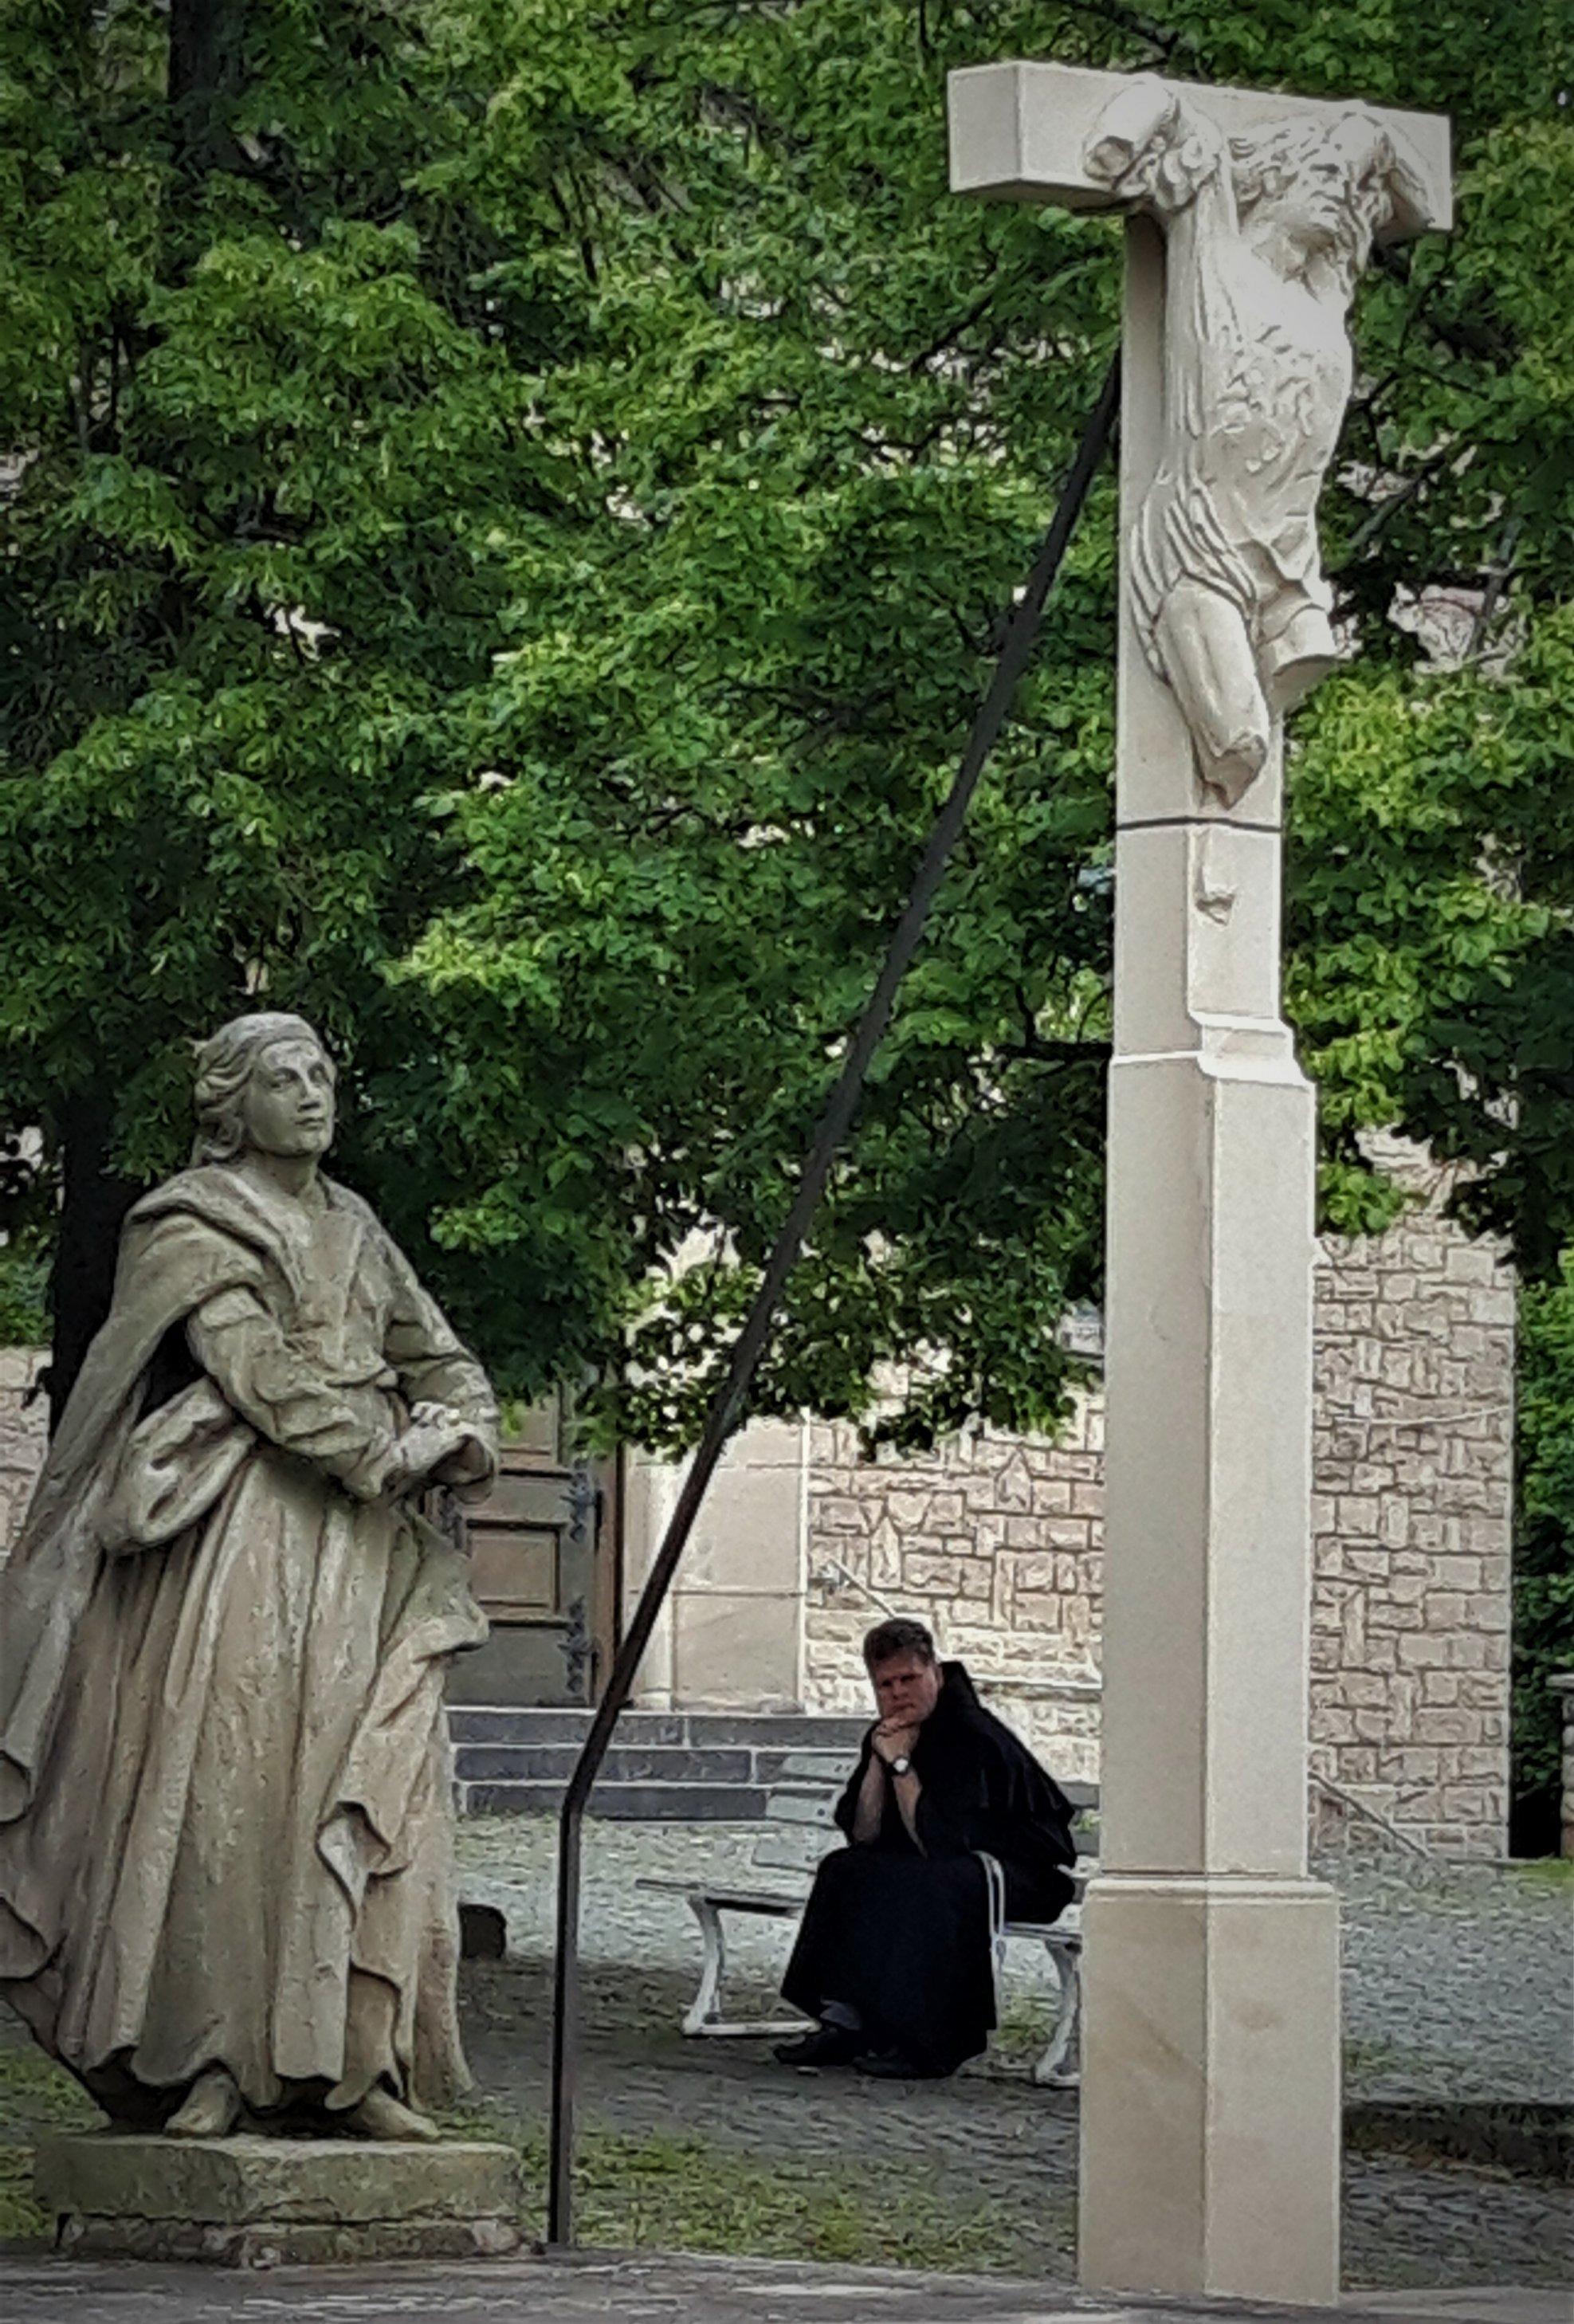 Zwischen zwei kirchlichen Standbildern ist der Blick frei auf einen Mönch in brauner Kutte und mit großer Uhr am Handgelenk, der, Kopf auf die Hände gestützt, auf einer Parkbank sitzt.